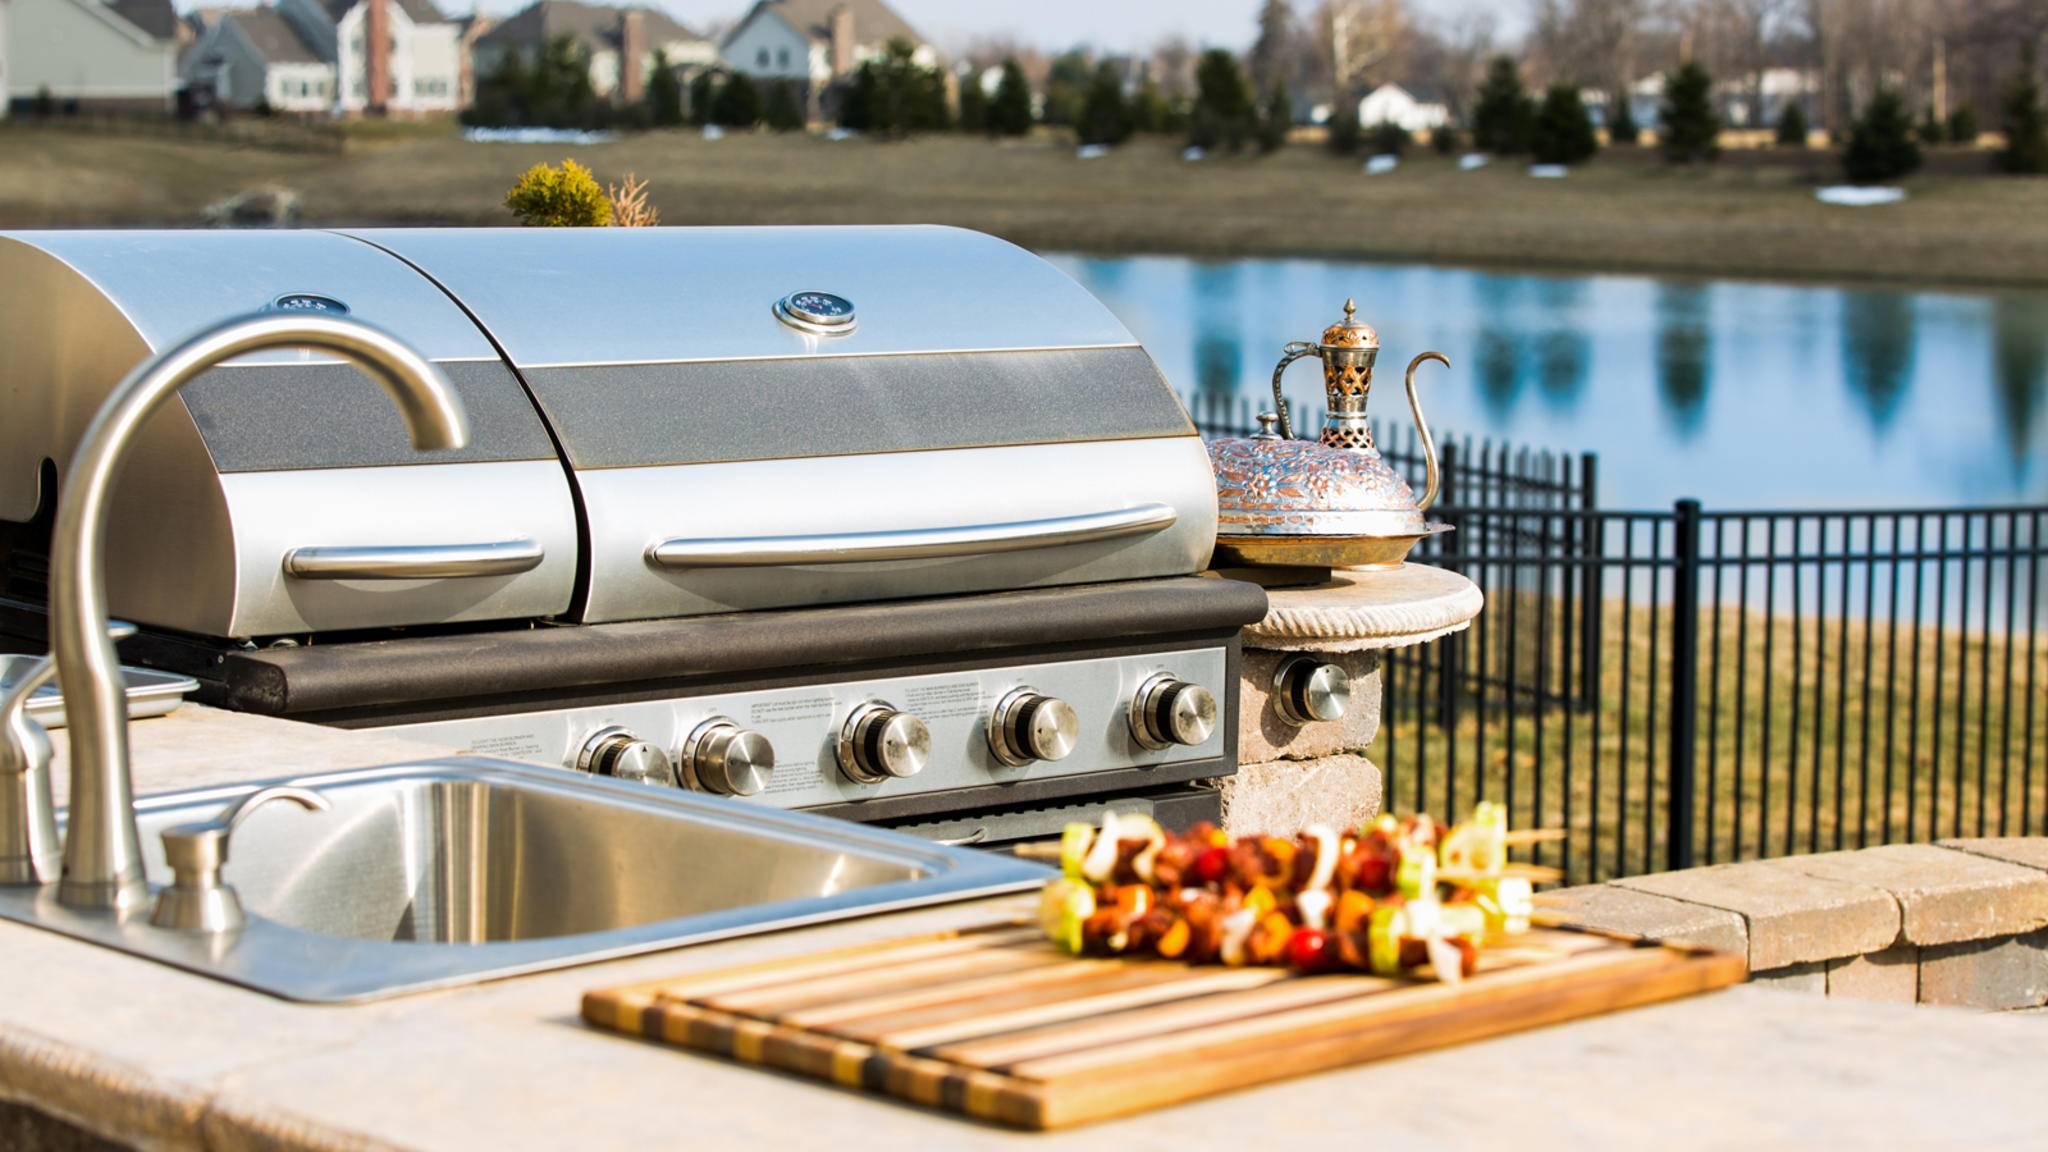 Outdoor Küche Ohne Wasseranschluss : Outdoor küche tipps zu ausstattung und kauf